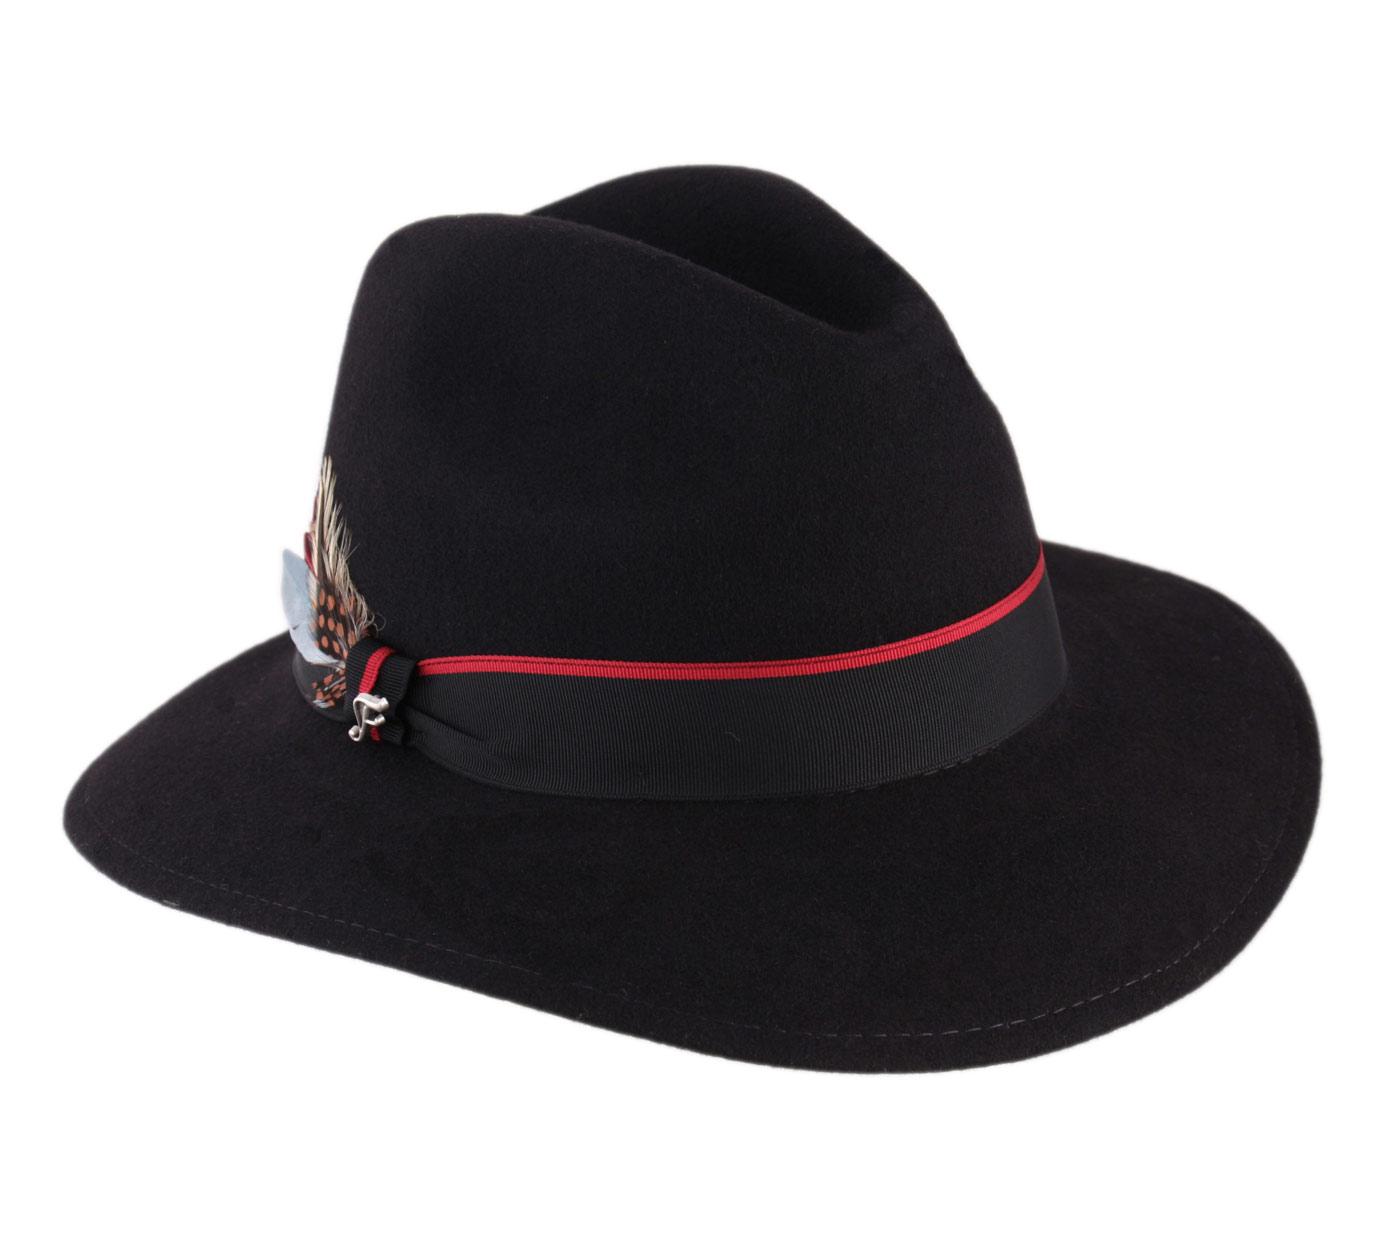 5df9b5ed5a0a0 Camille - Hats Flechet